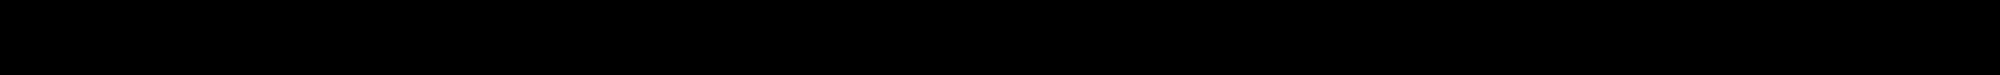 navbar